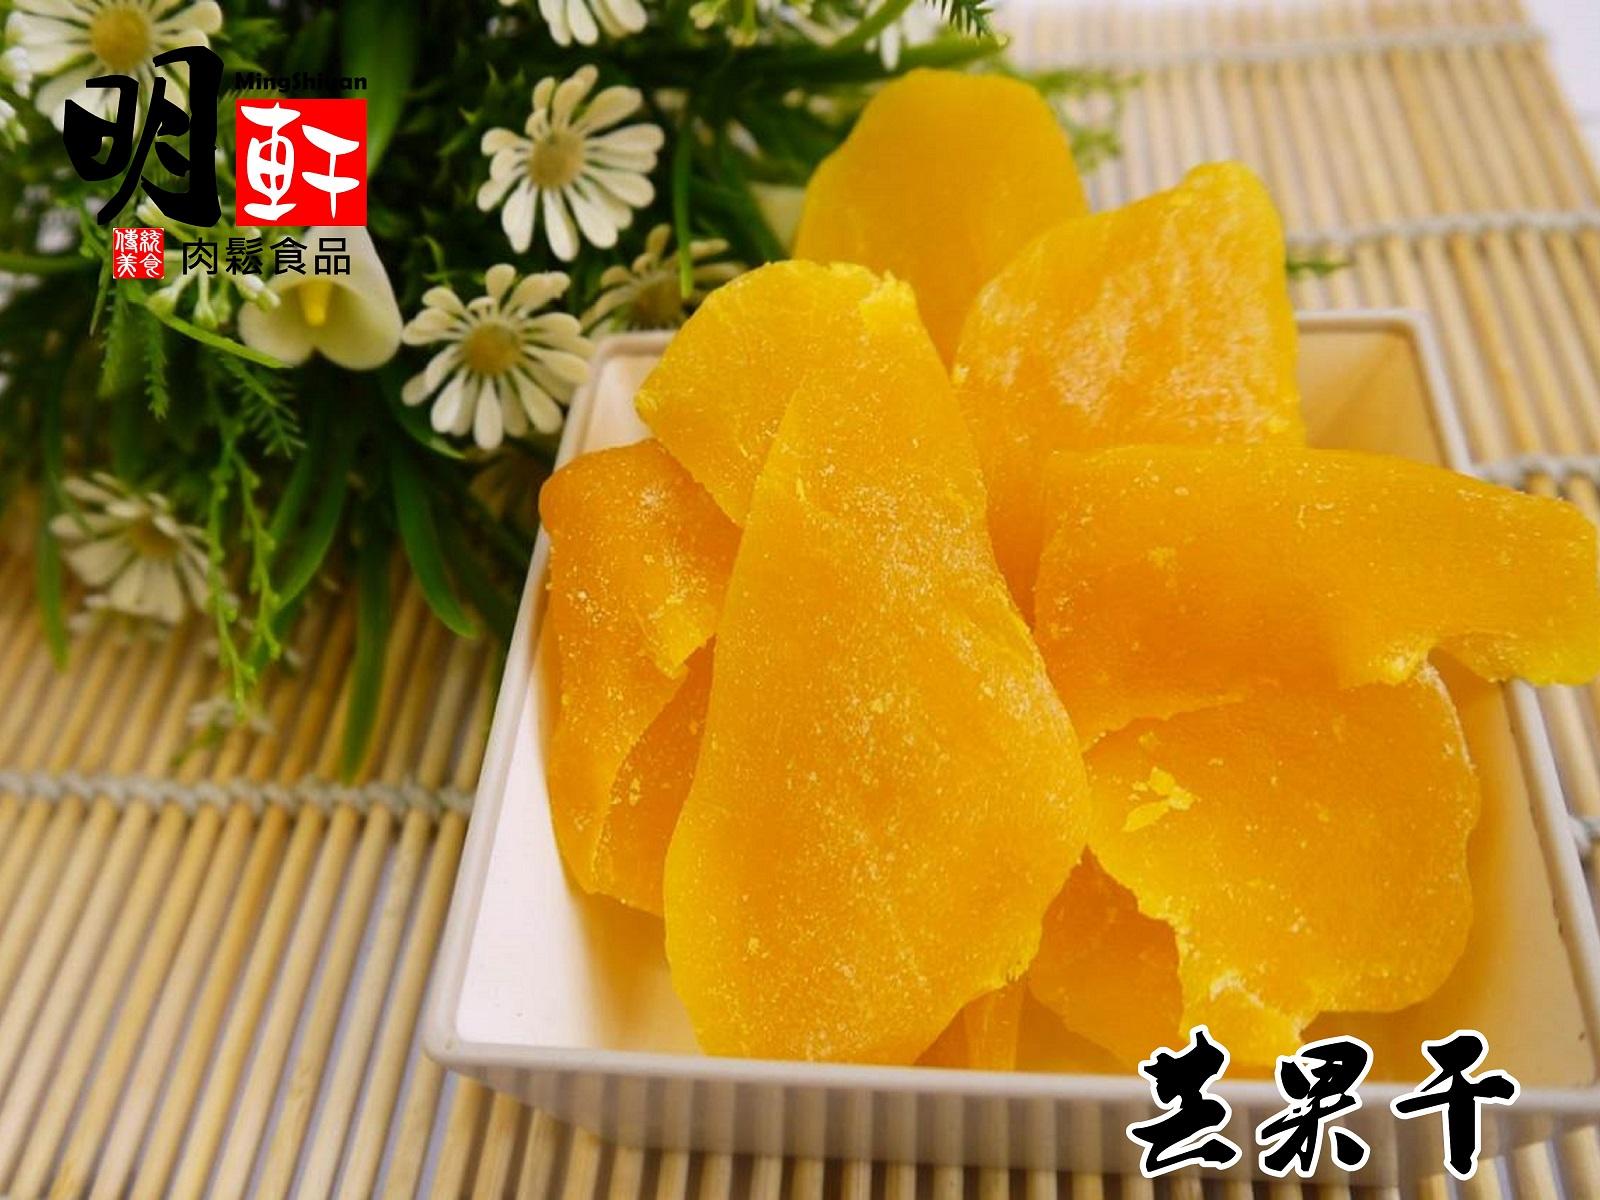 【明軒肉鬆食品】芒果干~輕巧包(200g)